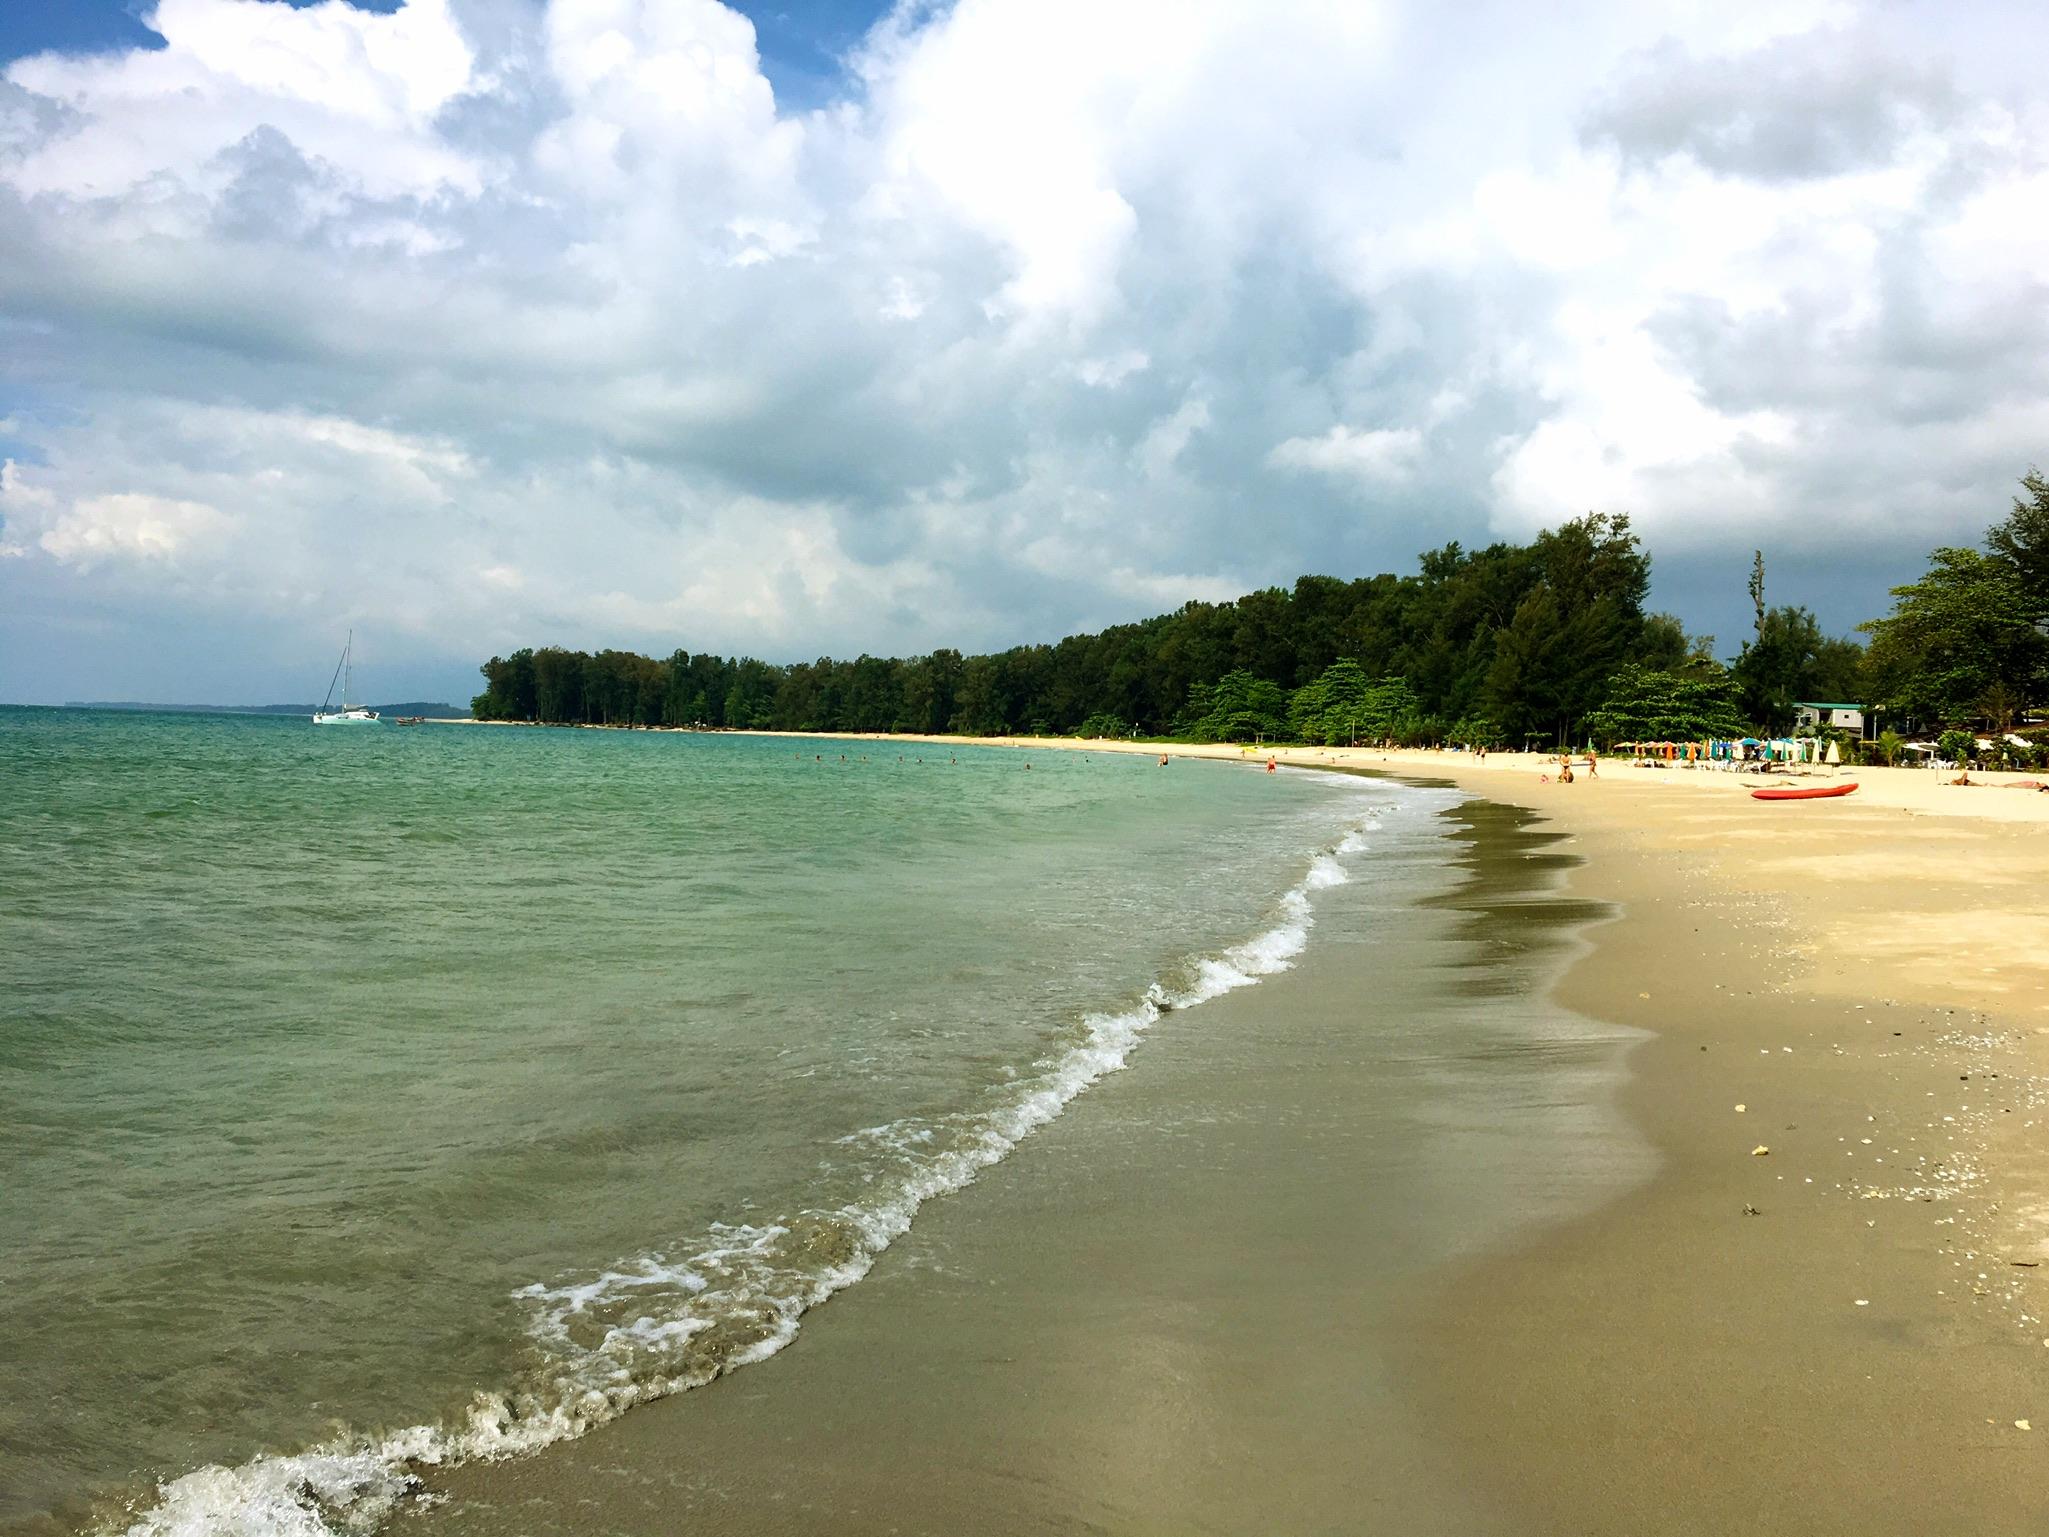 Nai Yang Beach auf Phuket in Thailand